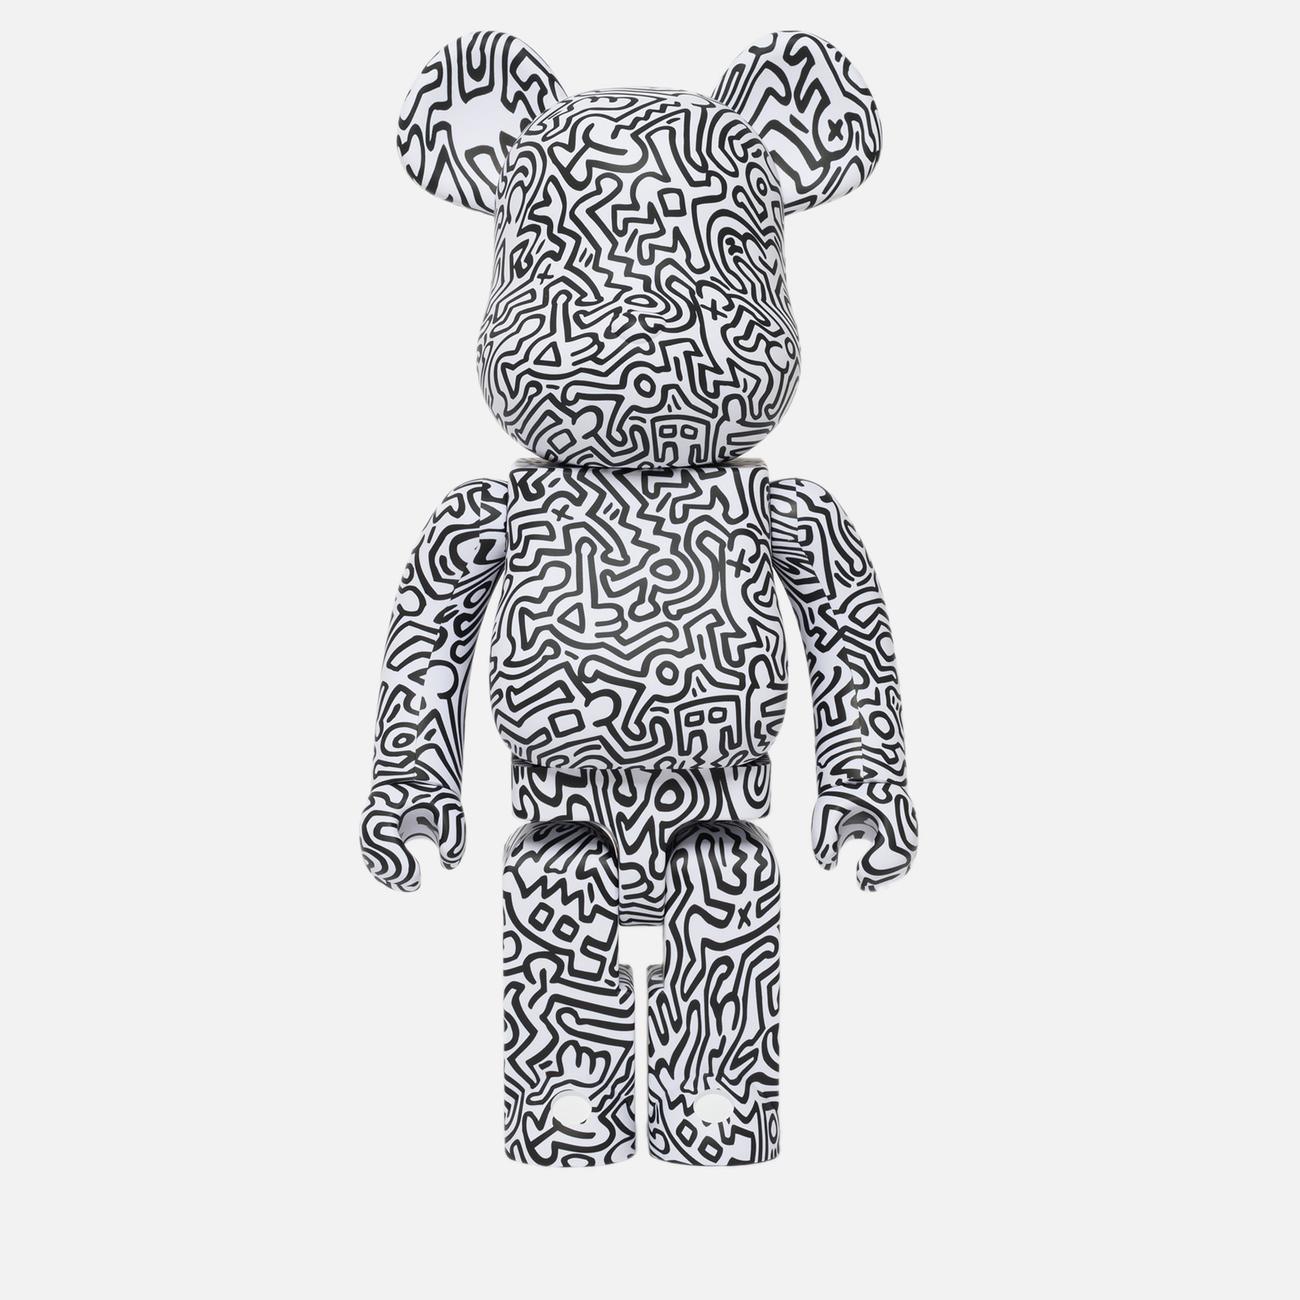 Игрушка Medicom Toy Bearbrick Keith Haring Ver. 4 1000%